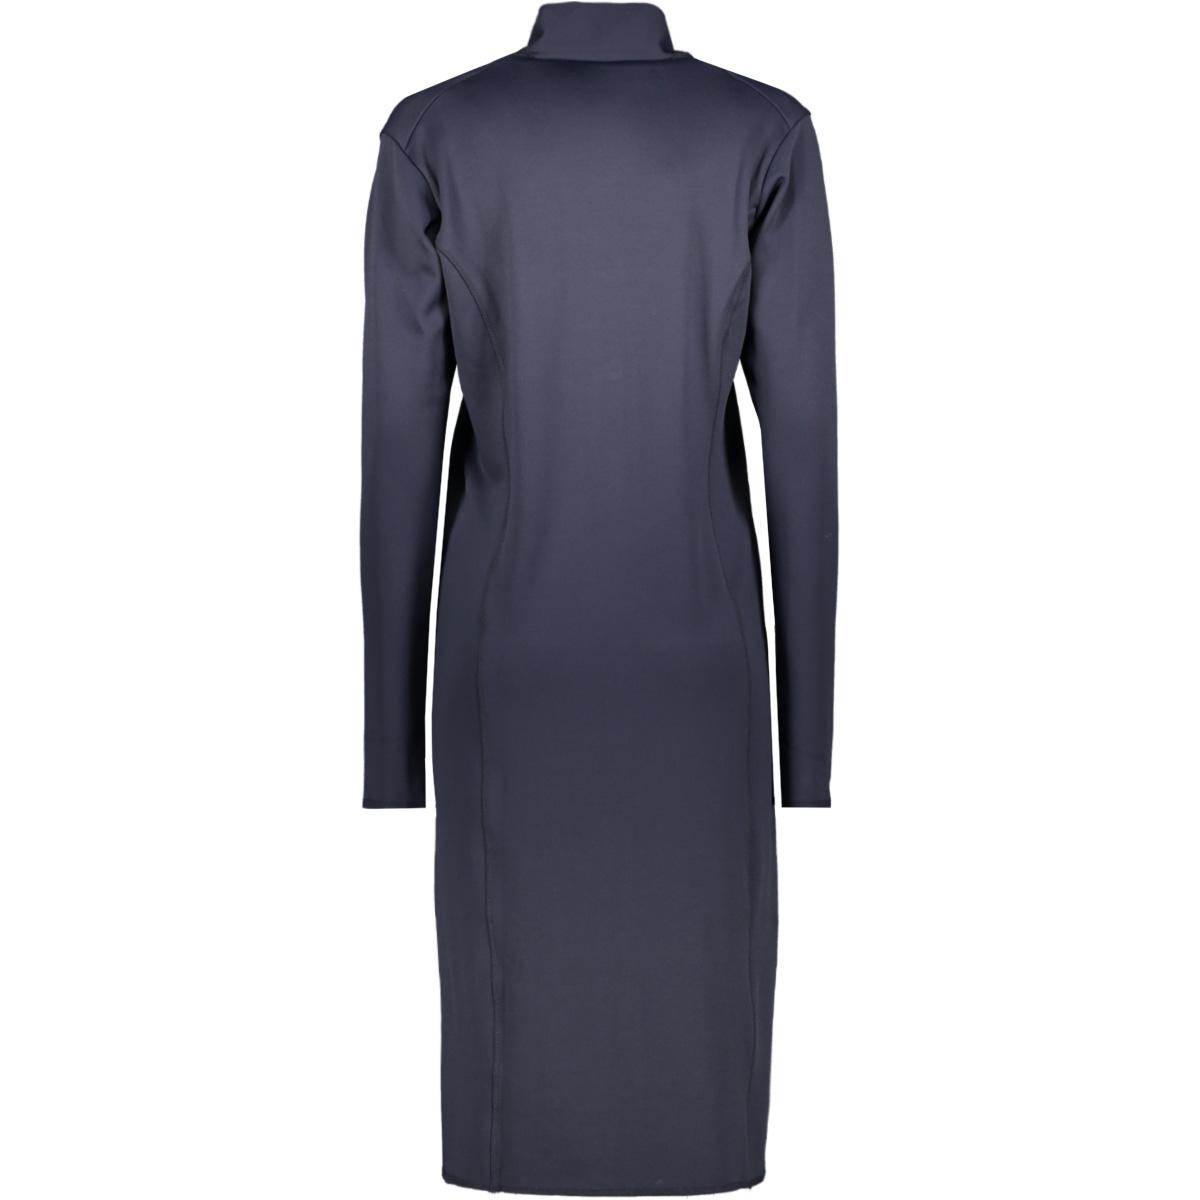 long blazer scuba 20 508 0201 10 days blazer dark grey blue